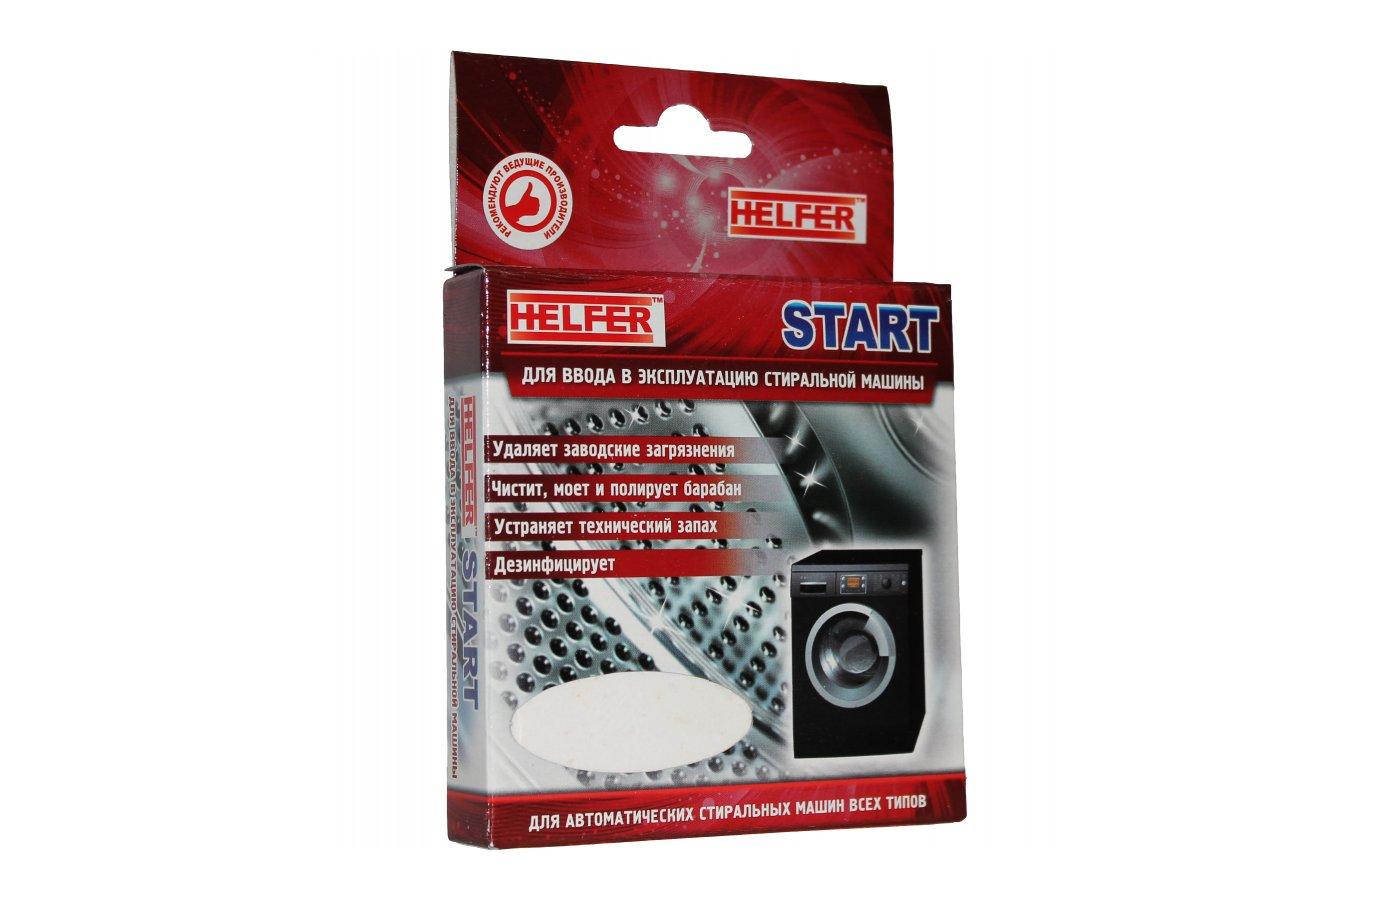 Средства для стирки и от накипи HELFER HLR0054 START ср-во д/ввода в эксплуатацию с/м